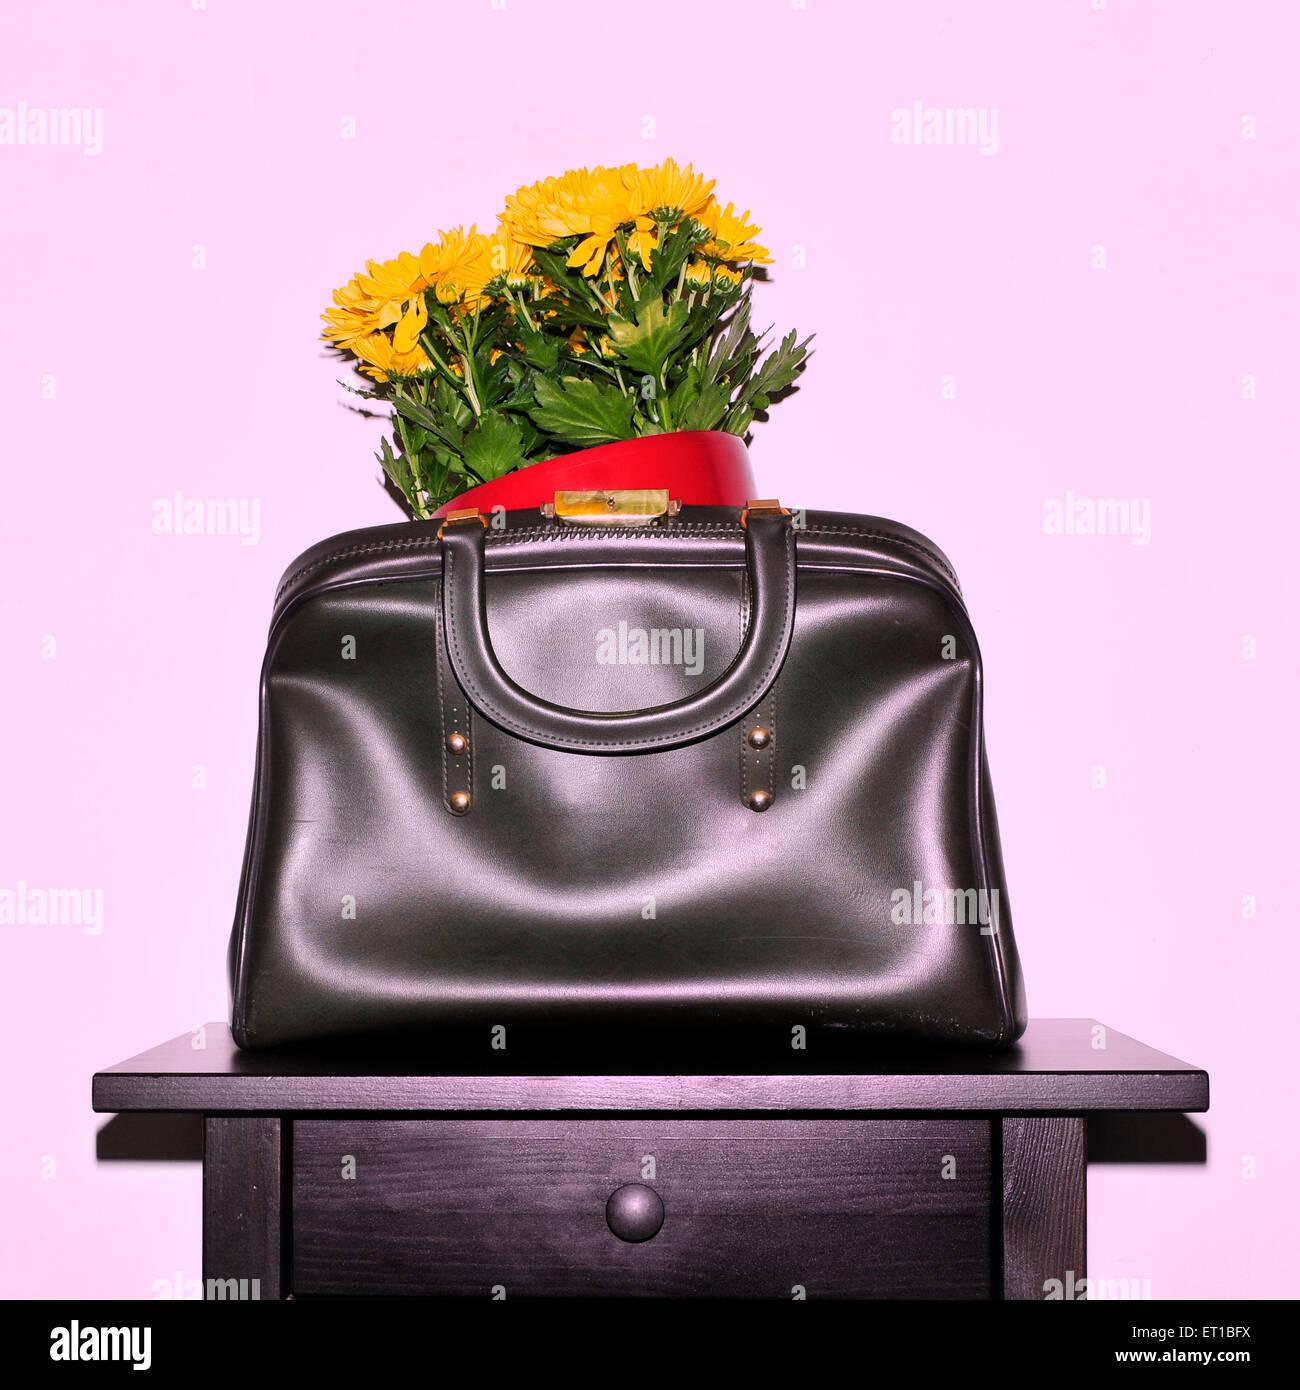 Chrysanthème jaune fleurs dans un sac en cuir vintage sur un tableau noir, avec un effet instantané rétro Photo Stock